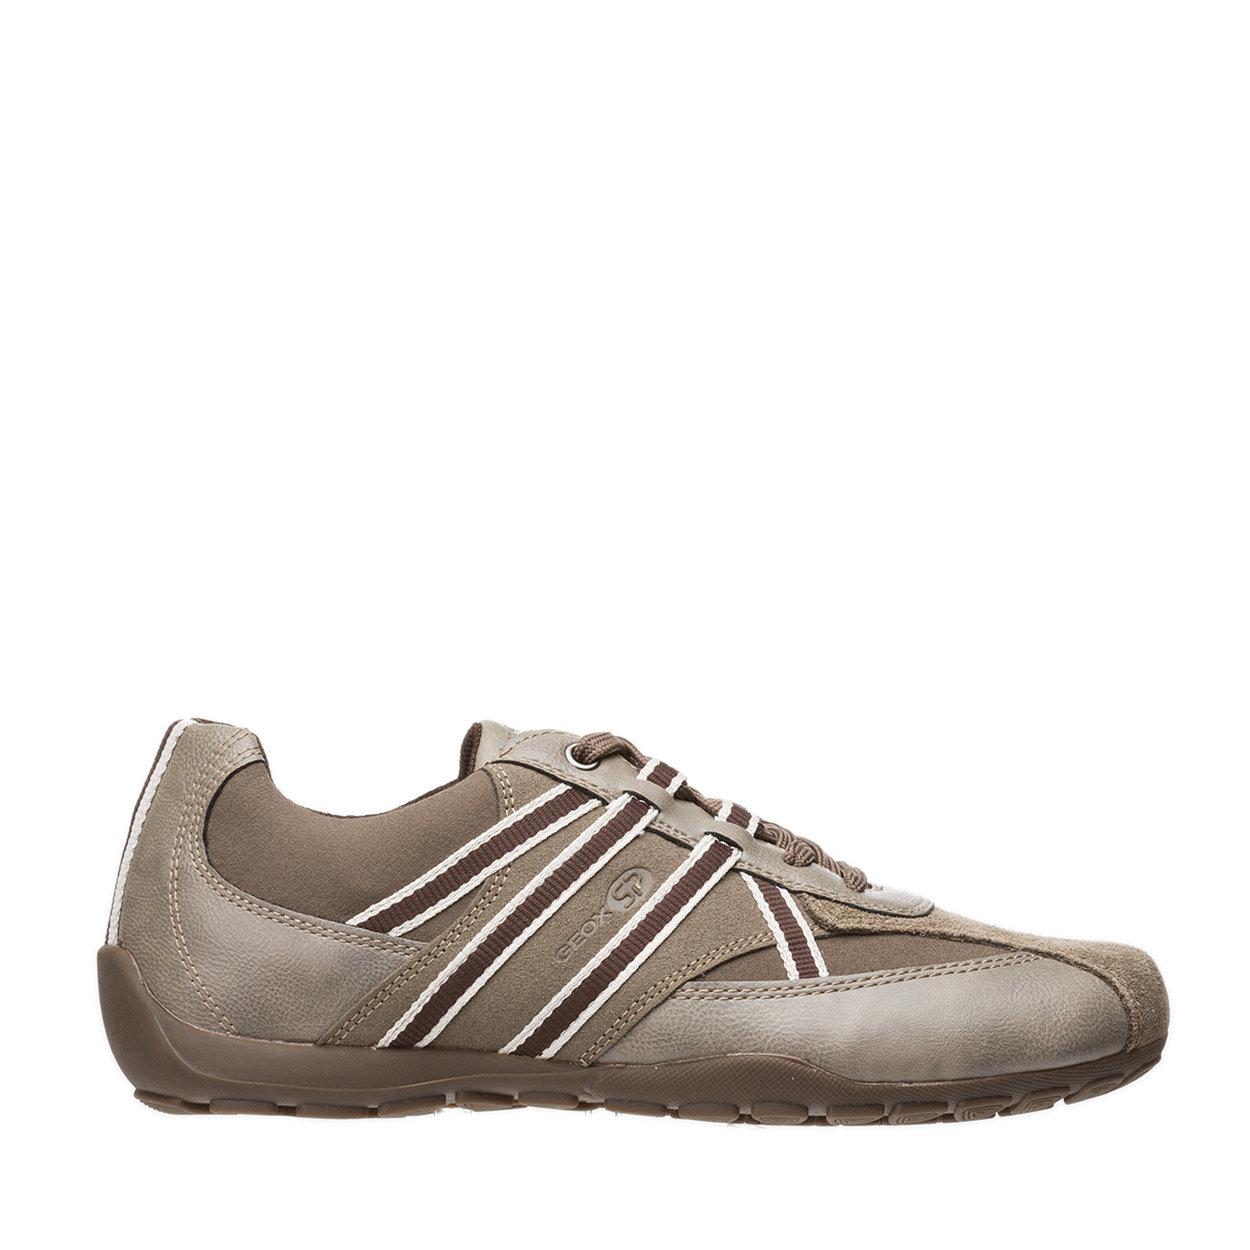 Sneakers Ravex grigio e marrone GEOX SCARPE Acquista su Ventis.